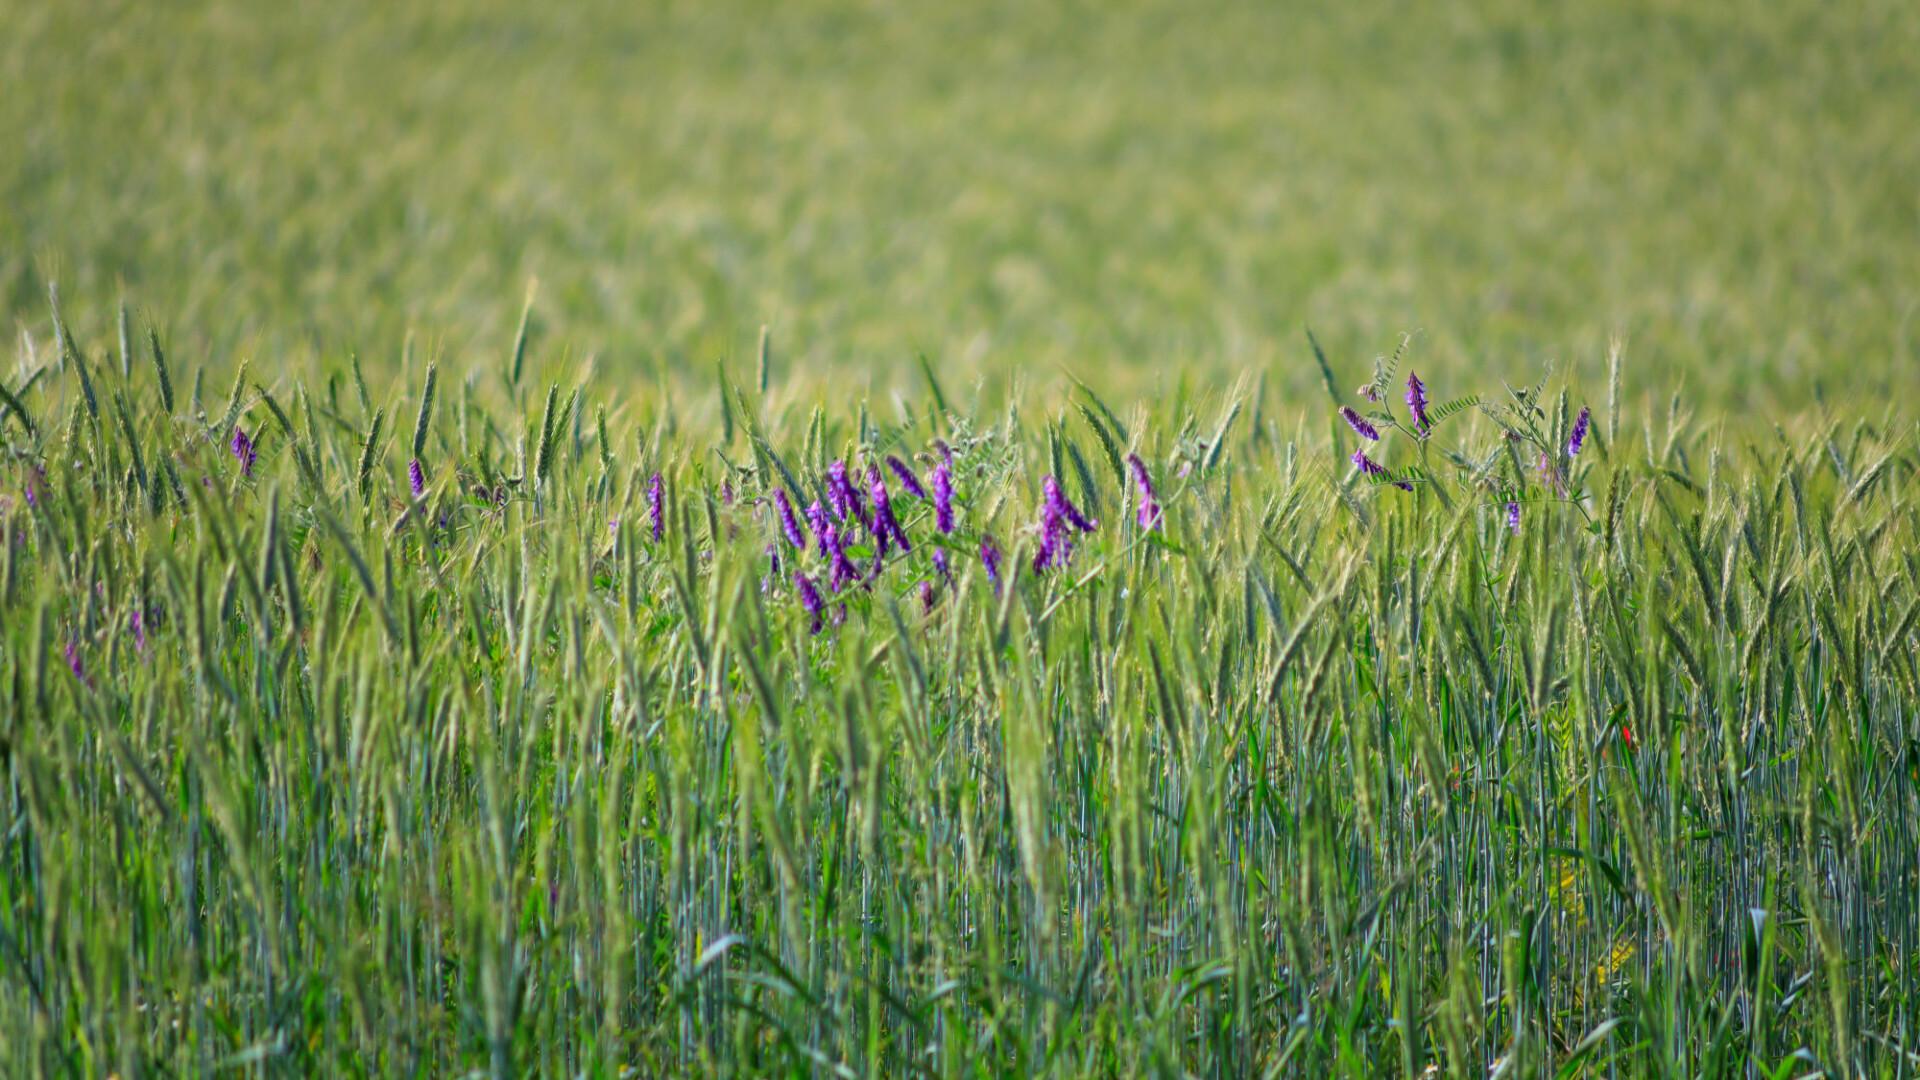 Purple flowers Skullcap in a rye field